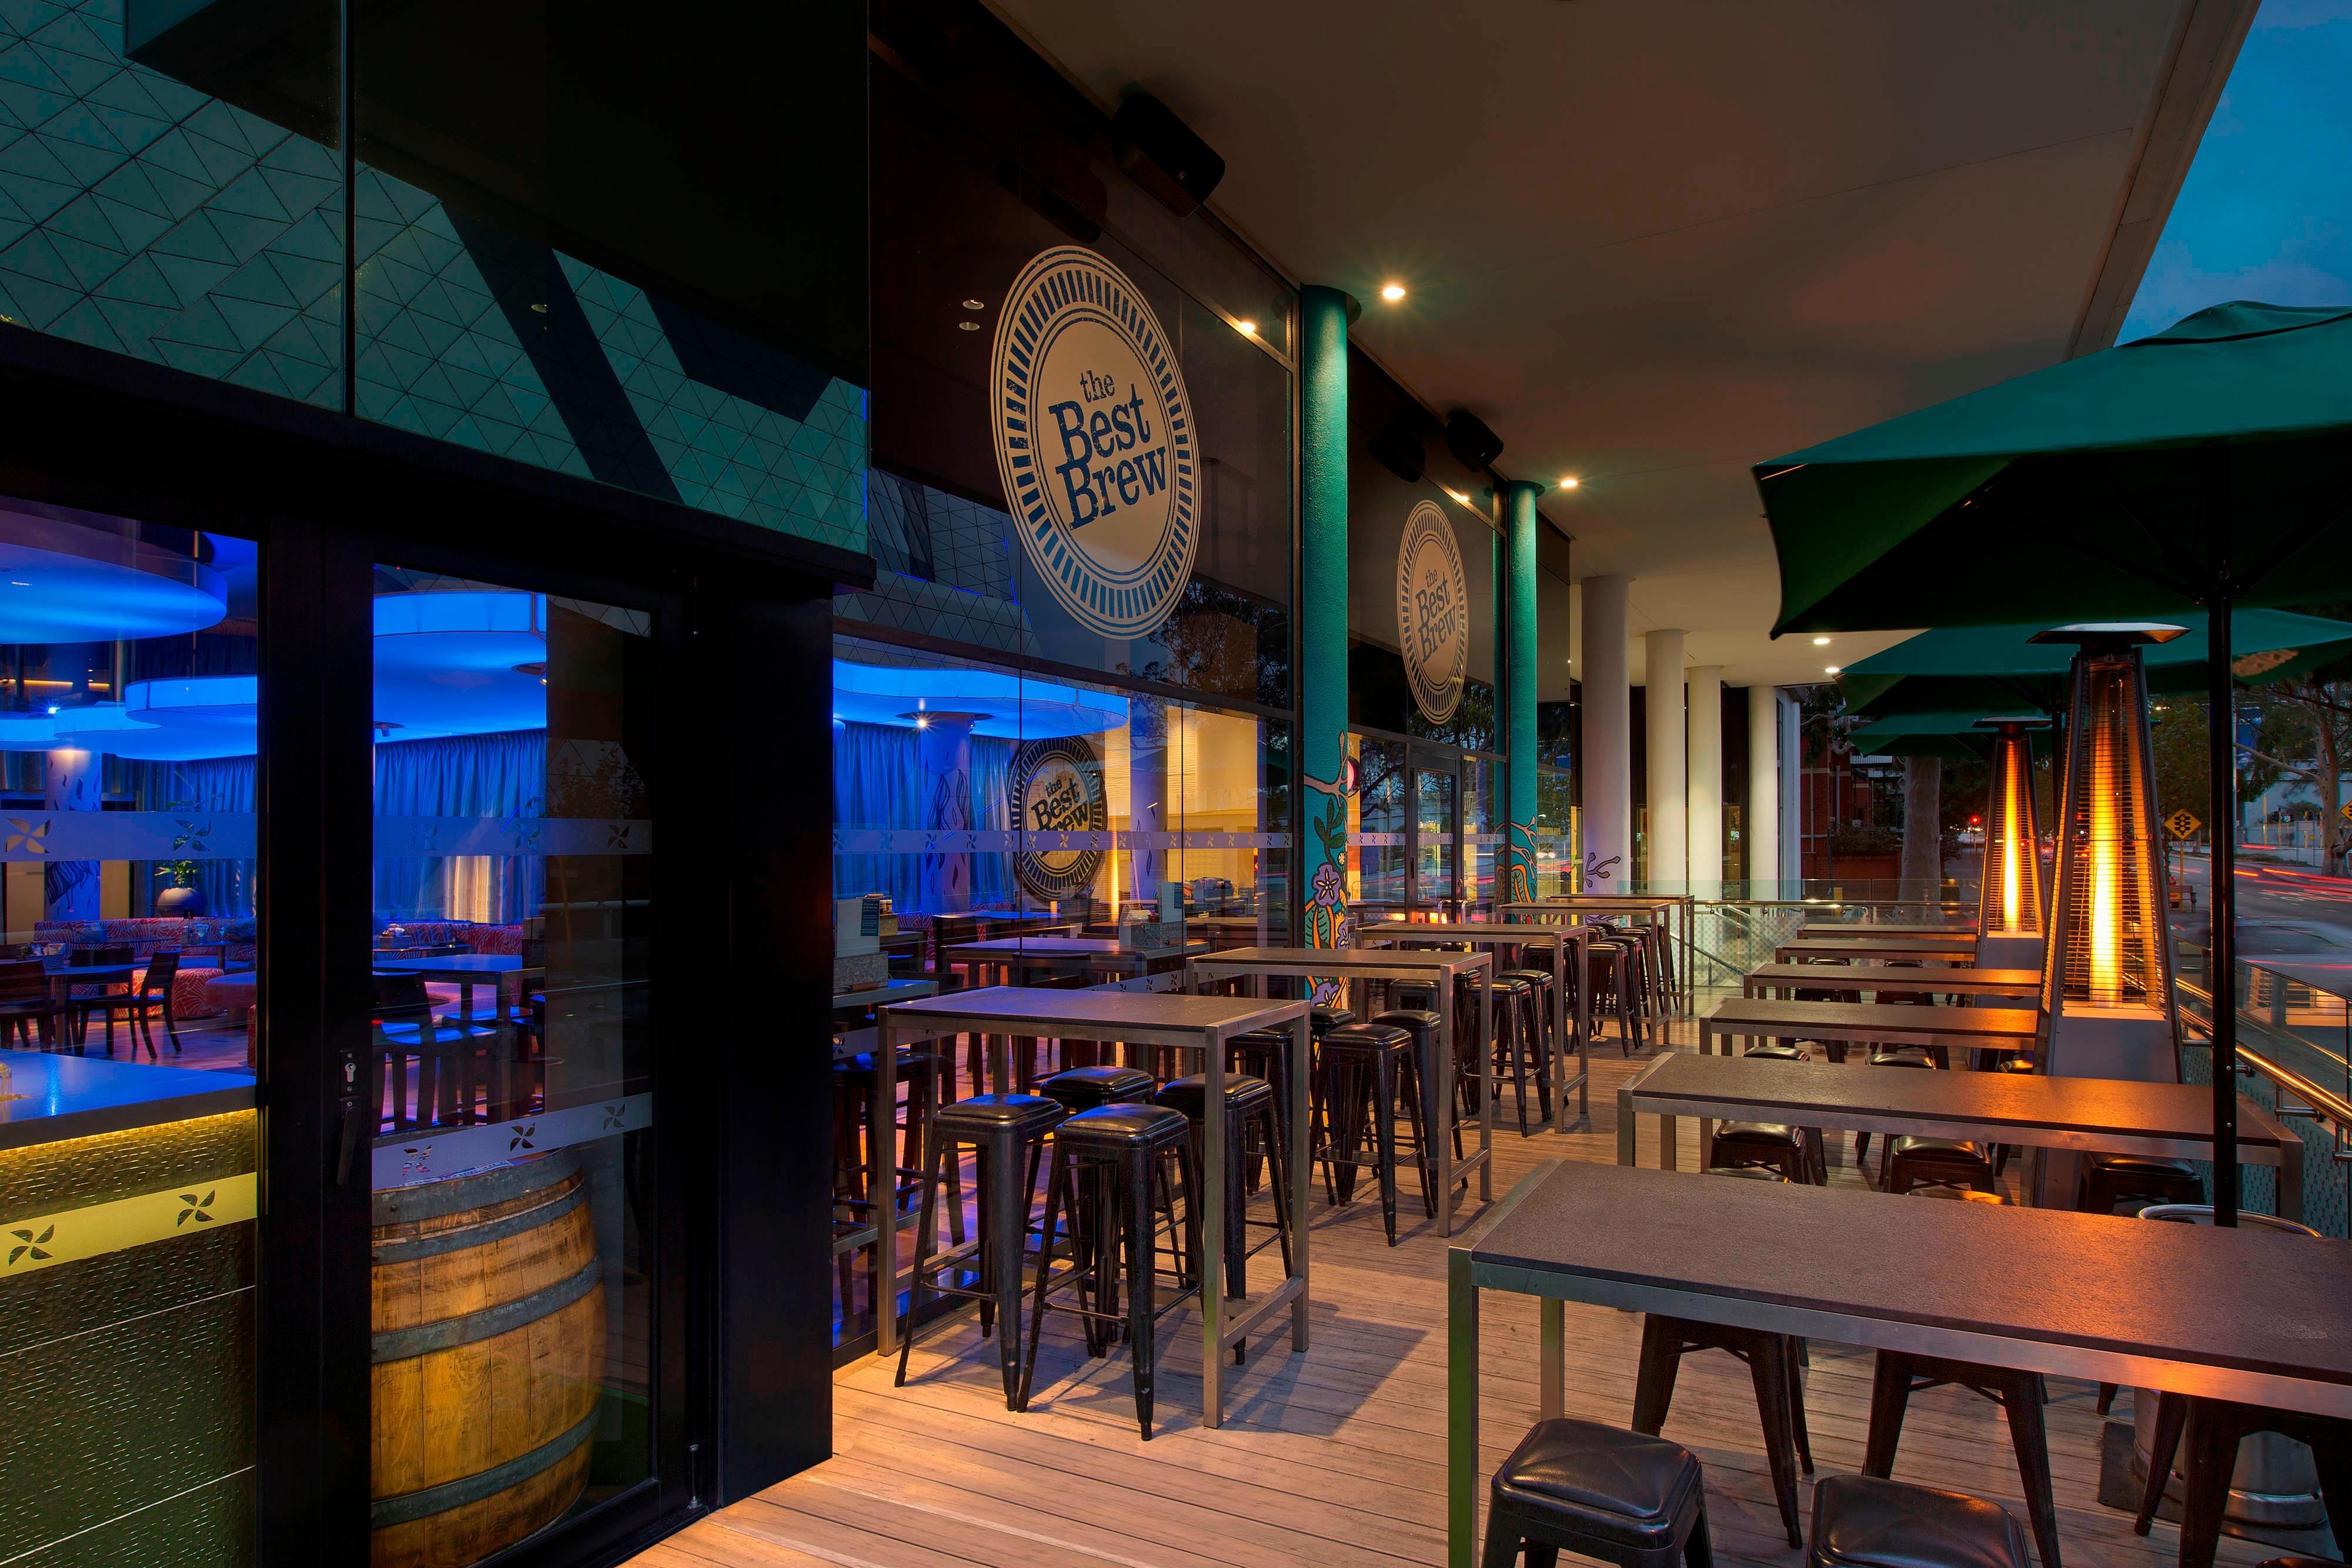 The Best Brew Bar Kitchen Alfresco